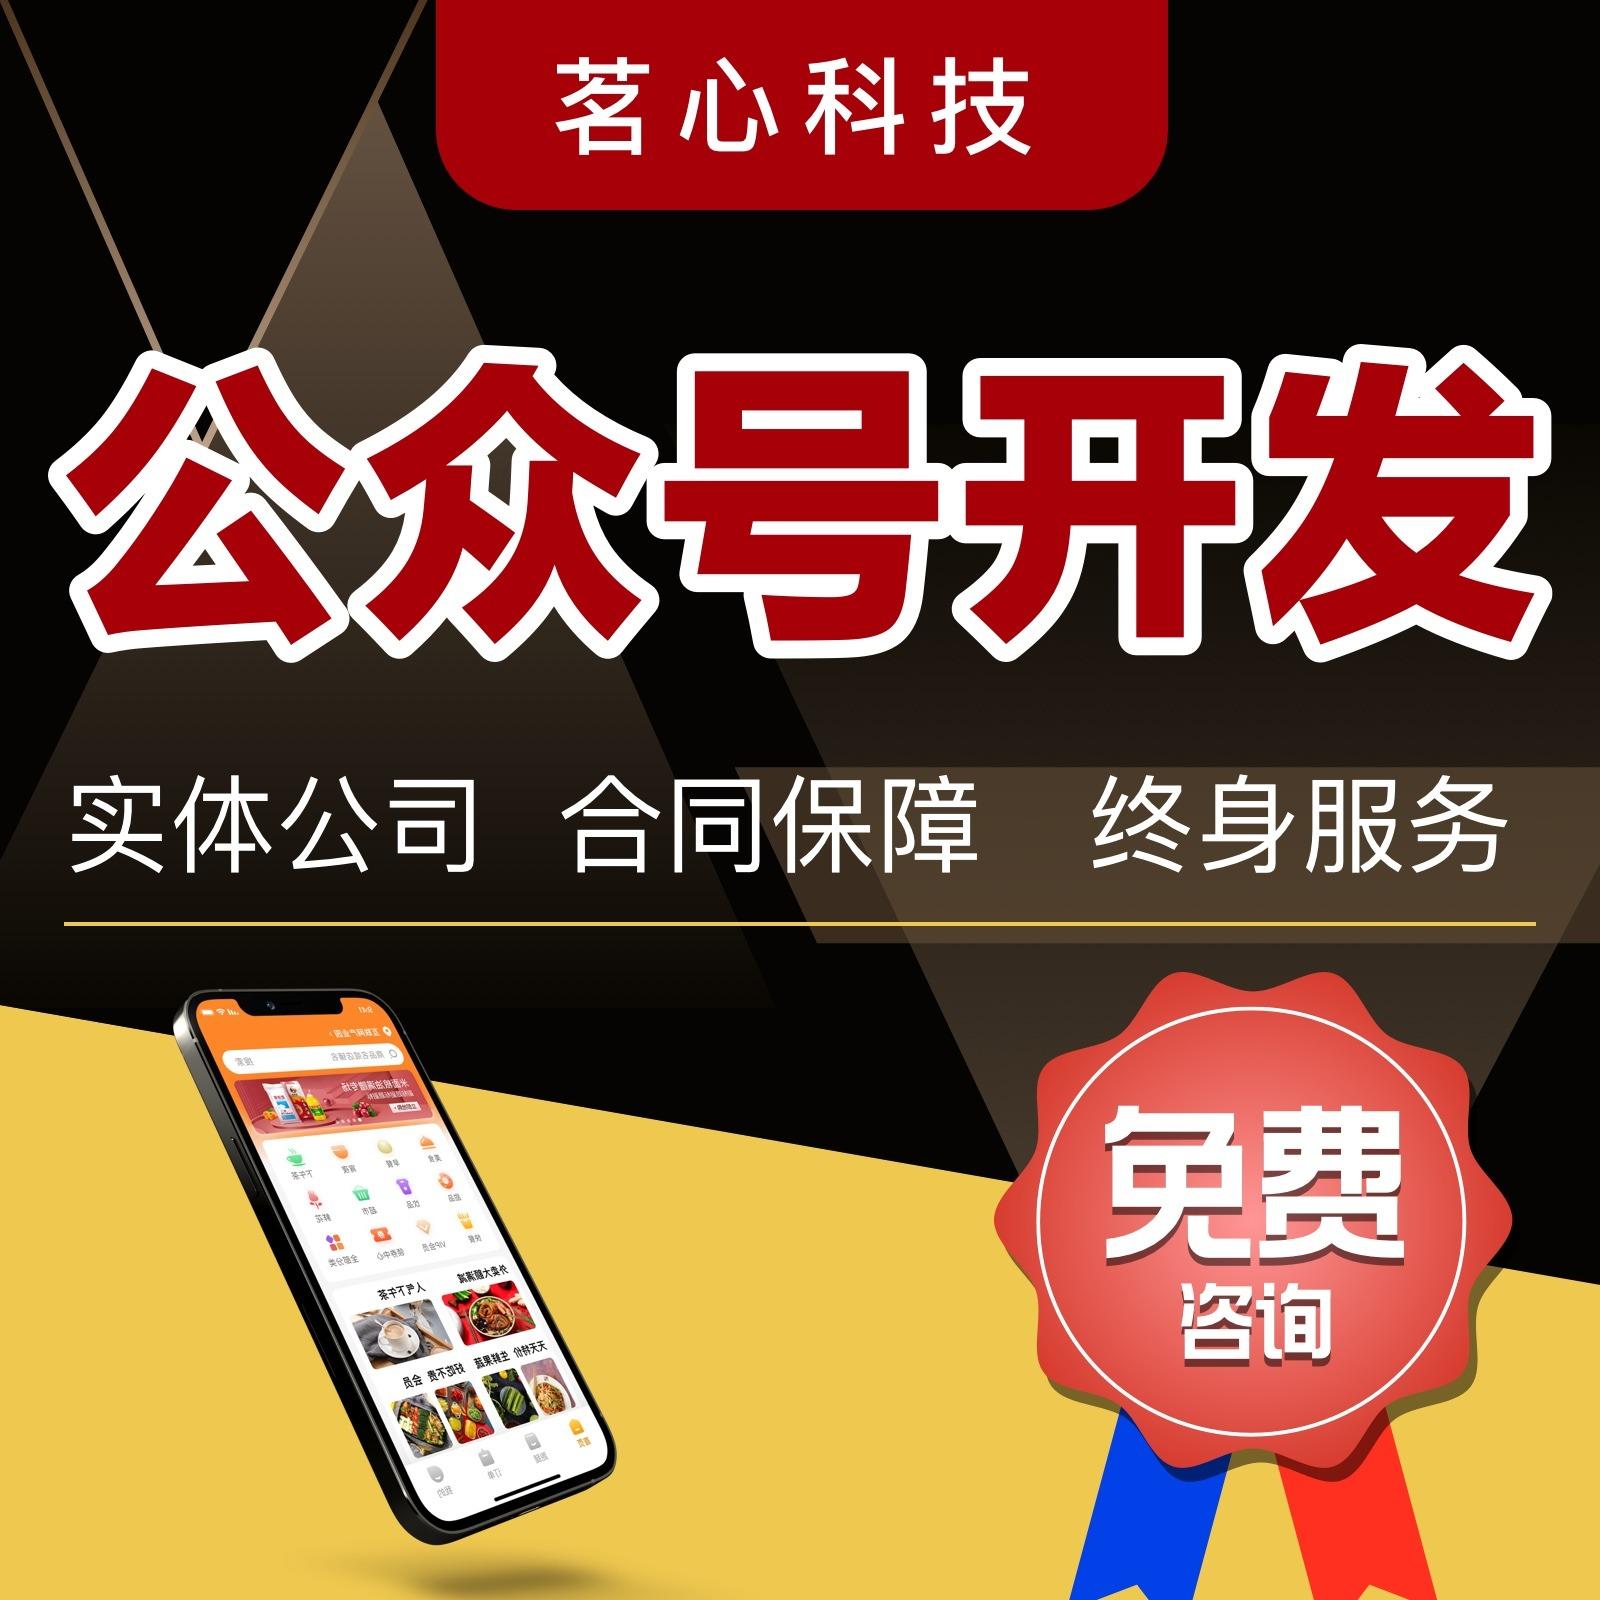 微信公众号开发 服务号 微商城 微官网 微分销 公众平台开发